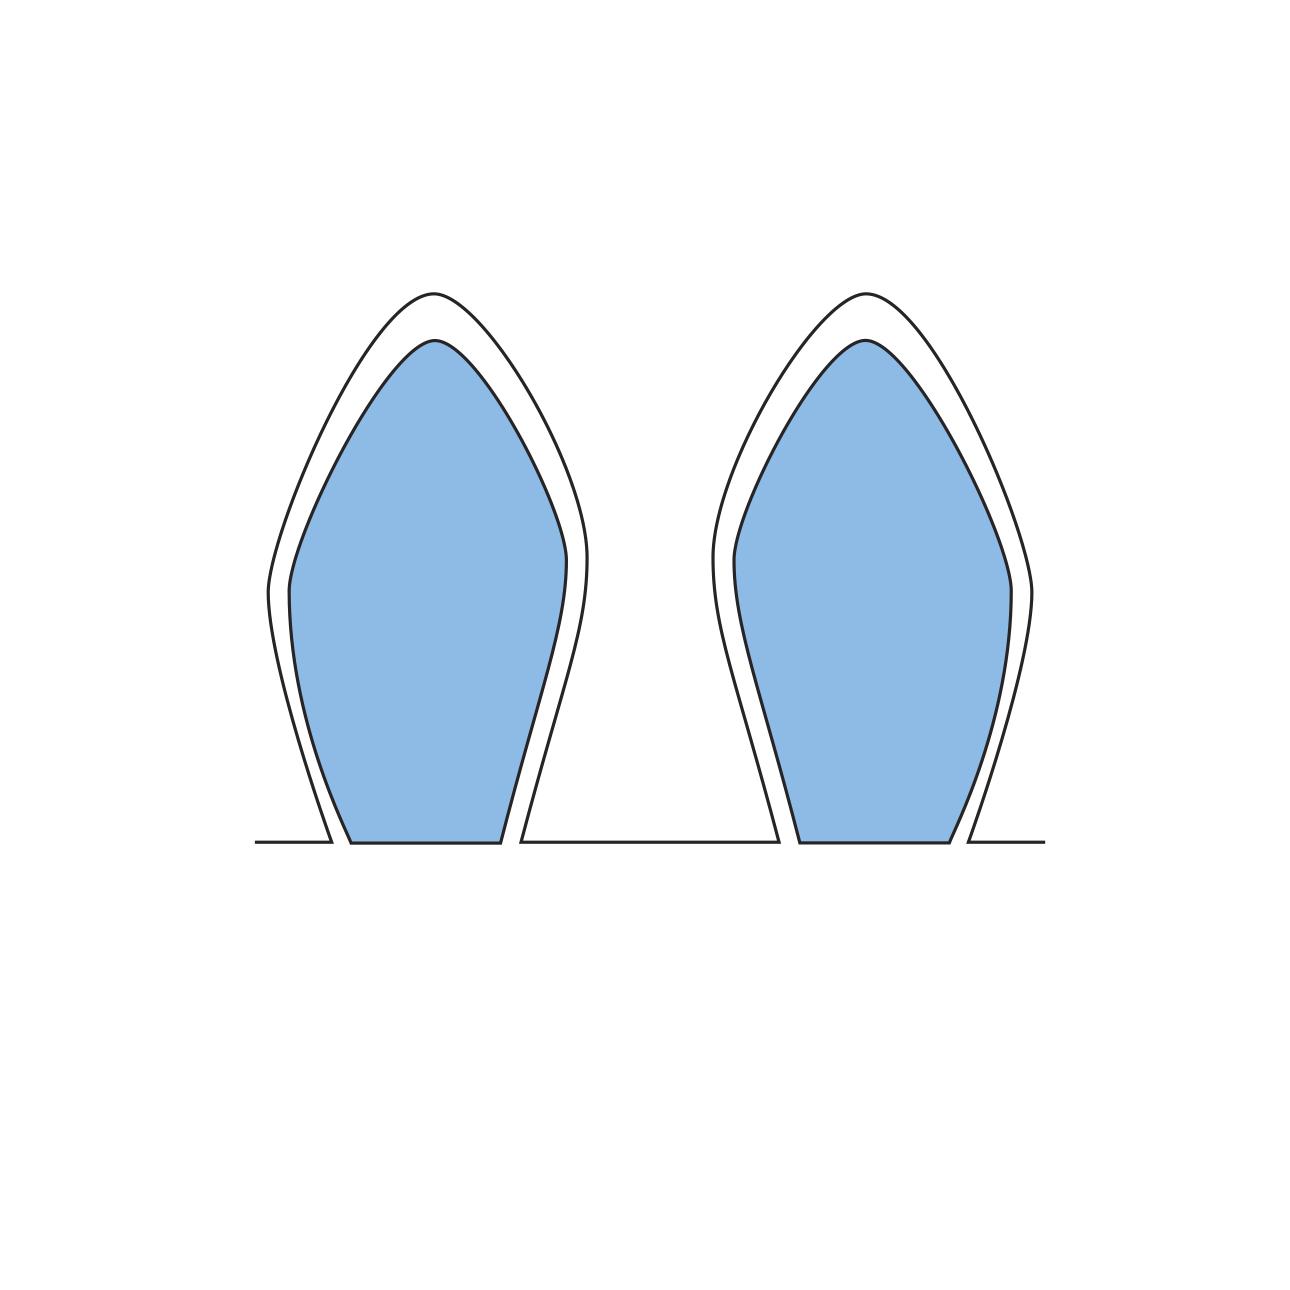 Вышивка крестом мышата схема 9